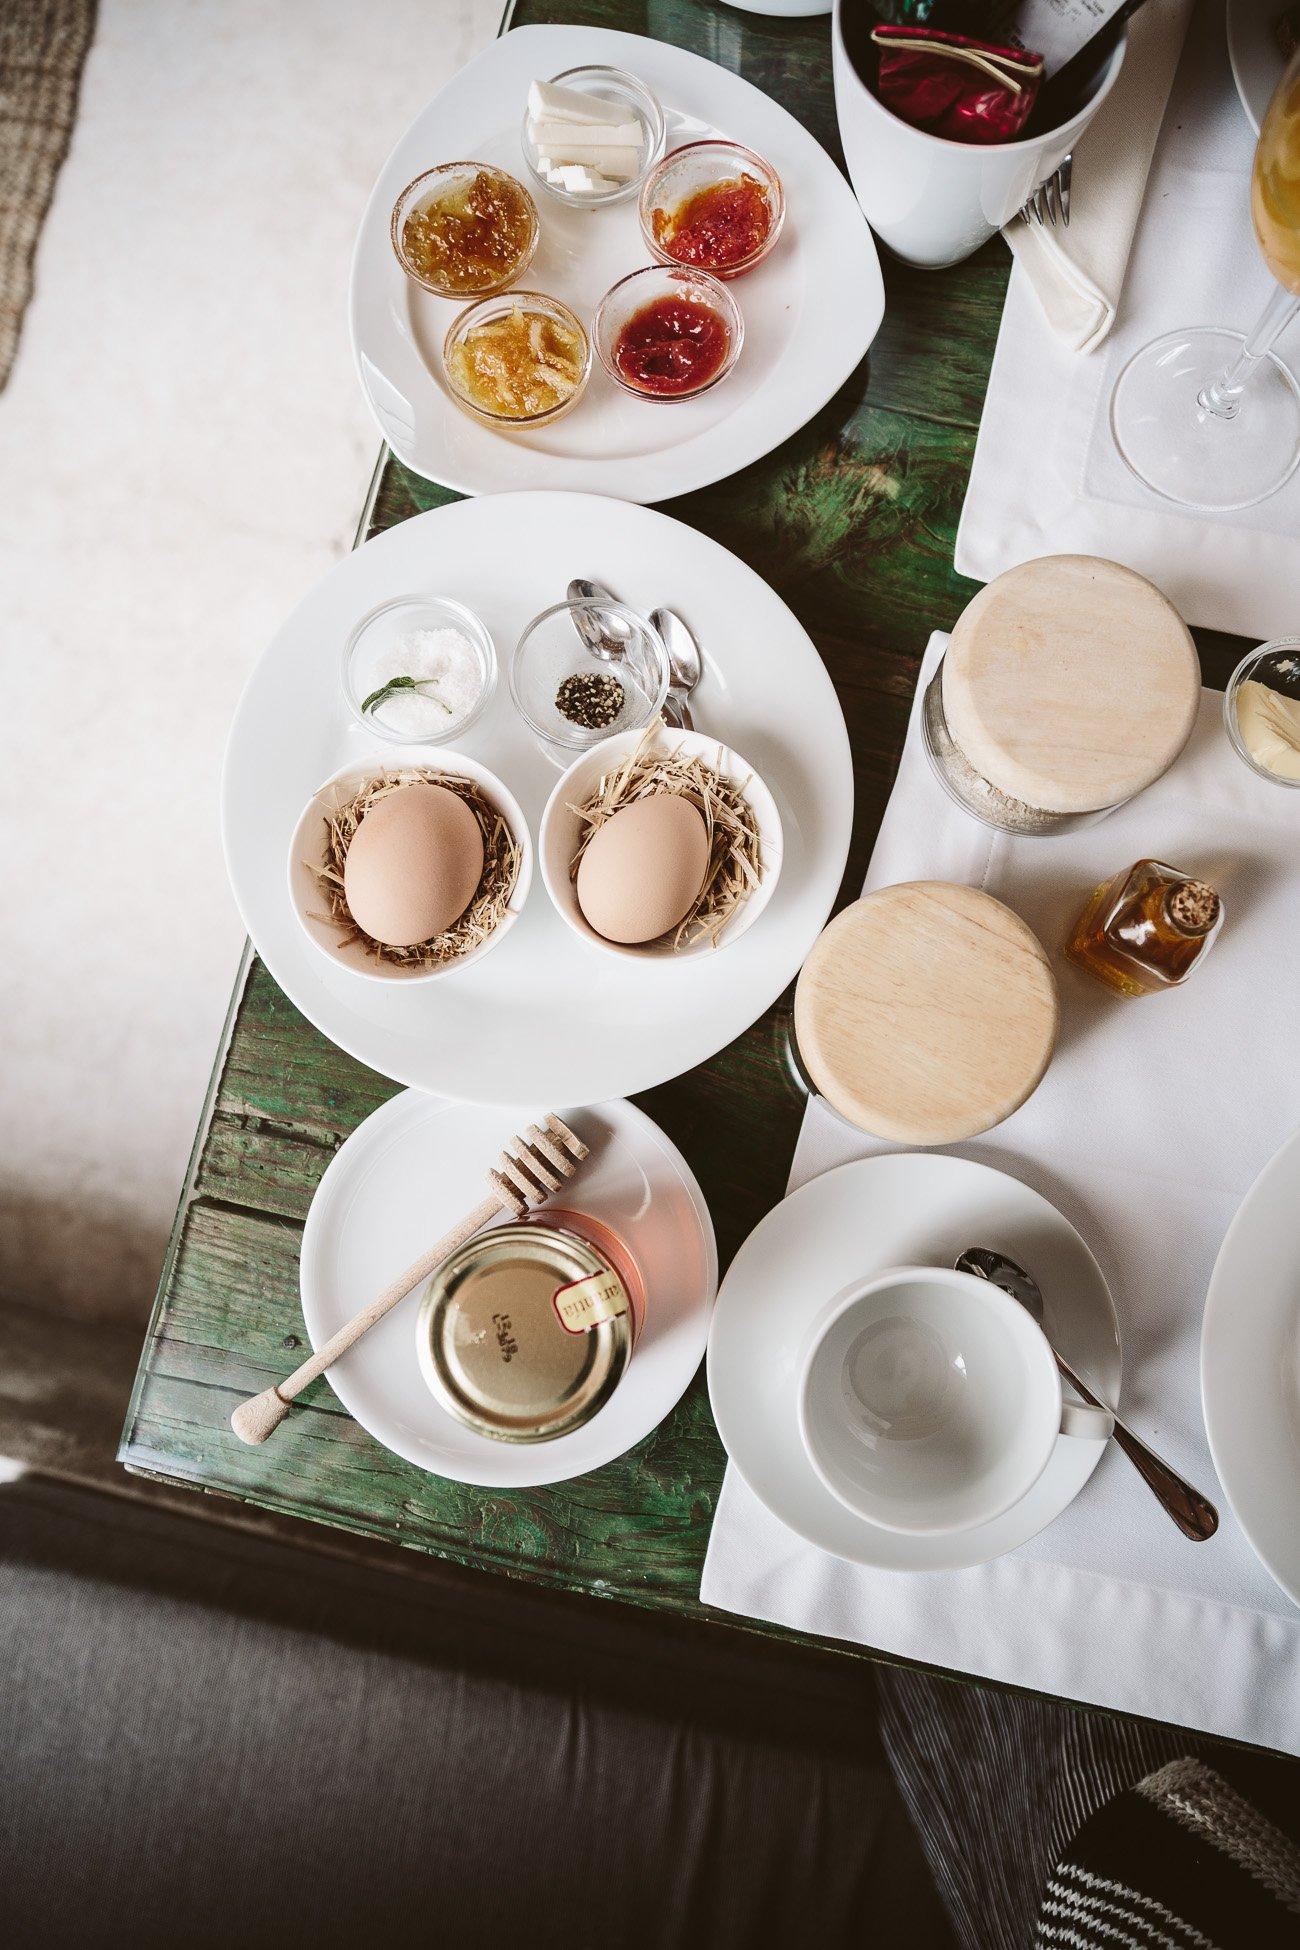 Breakfast at Buenavista Country Suites Lanzarote